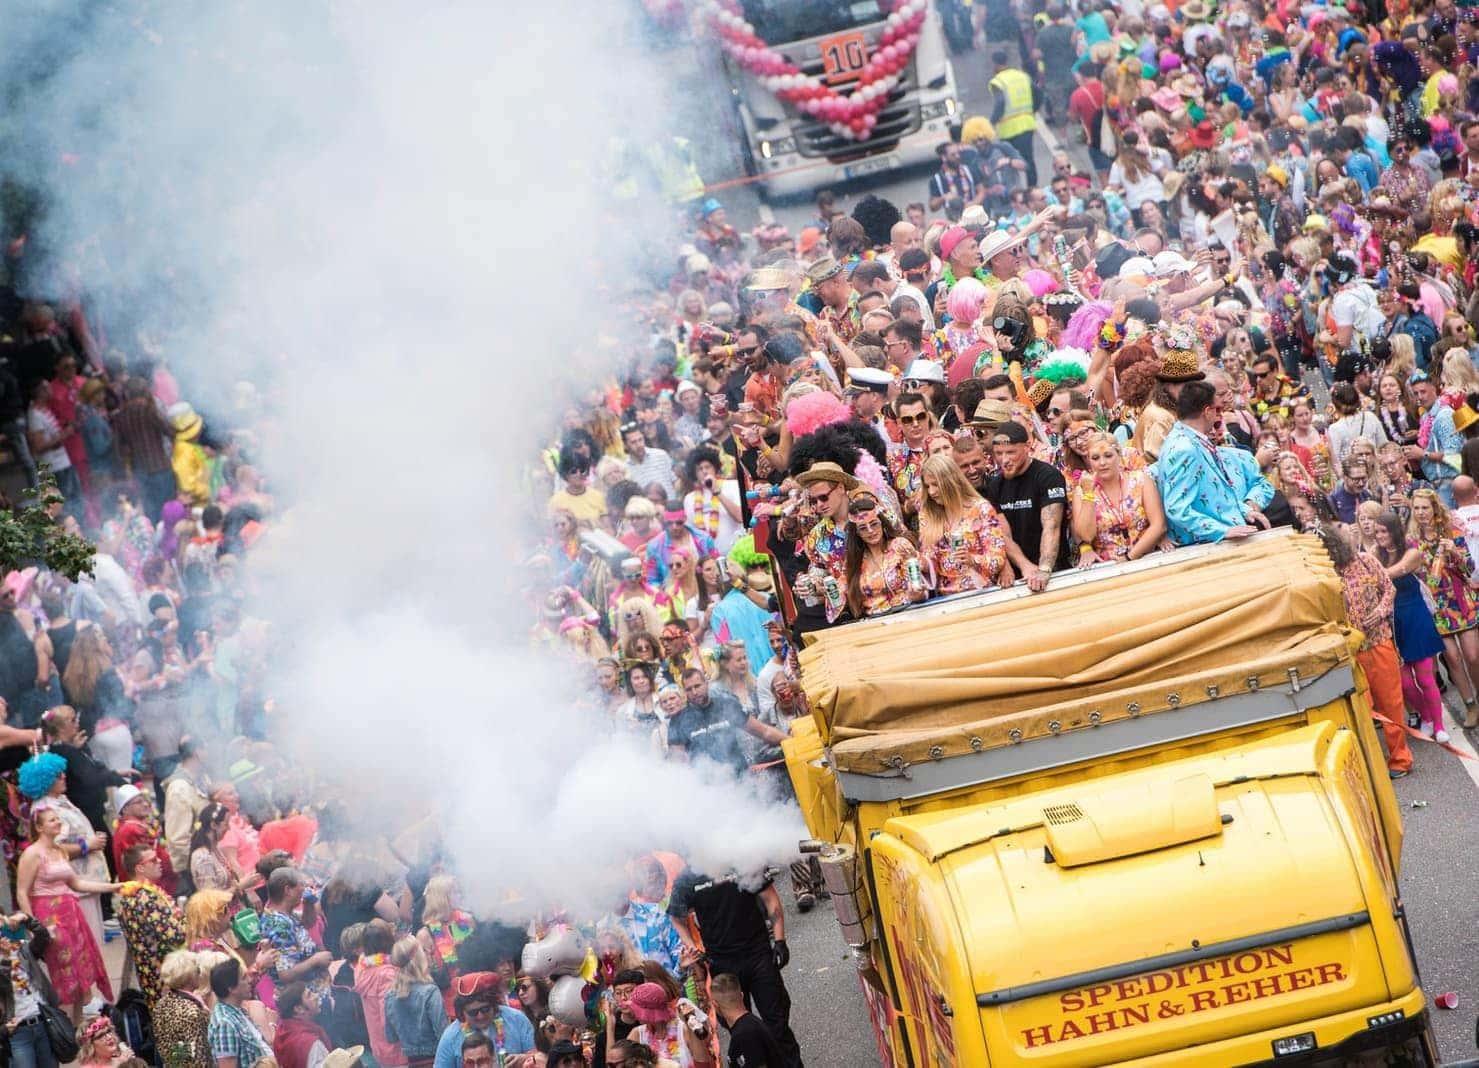 <p>Für die 22. Ausgabe des &bdquo;Karnevals des Nordens&ldquo; rechneten die Veranstalter laut einem Sprecher bis zum Abend mit etwa 400.000 Besuchern.</p> Foto: dpa